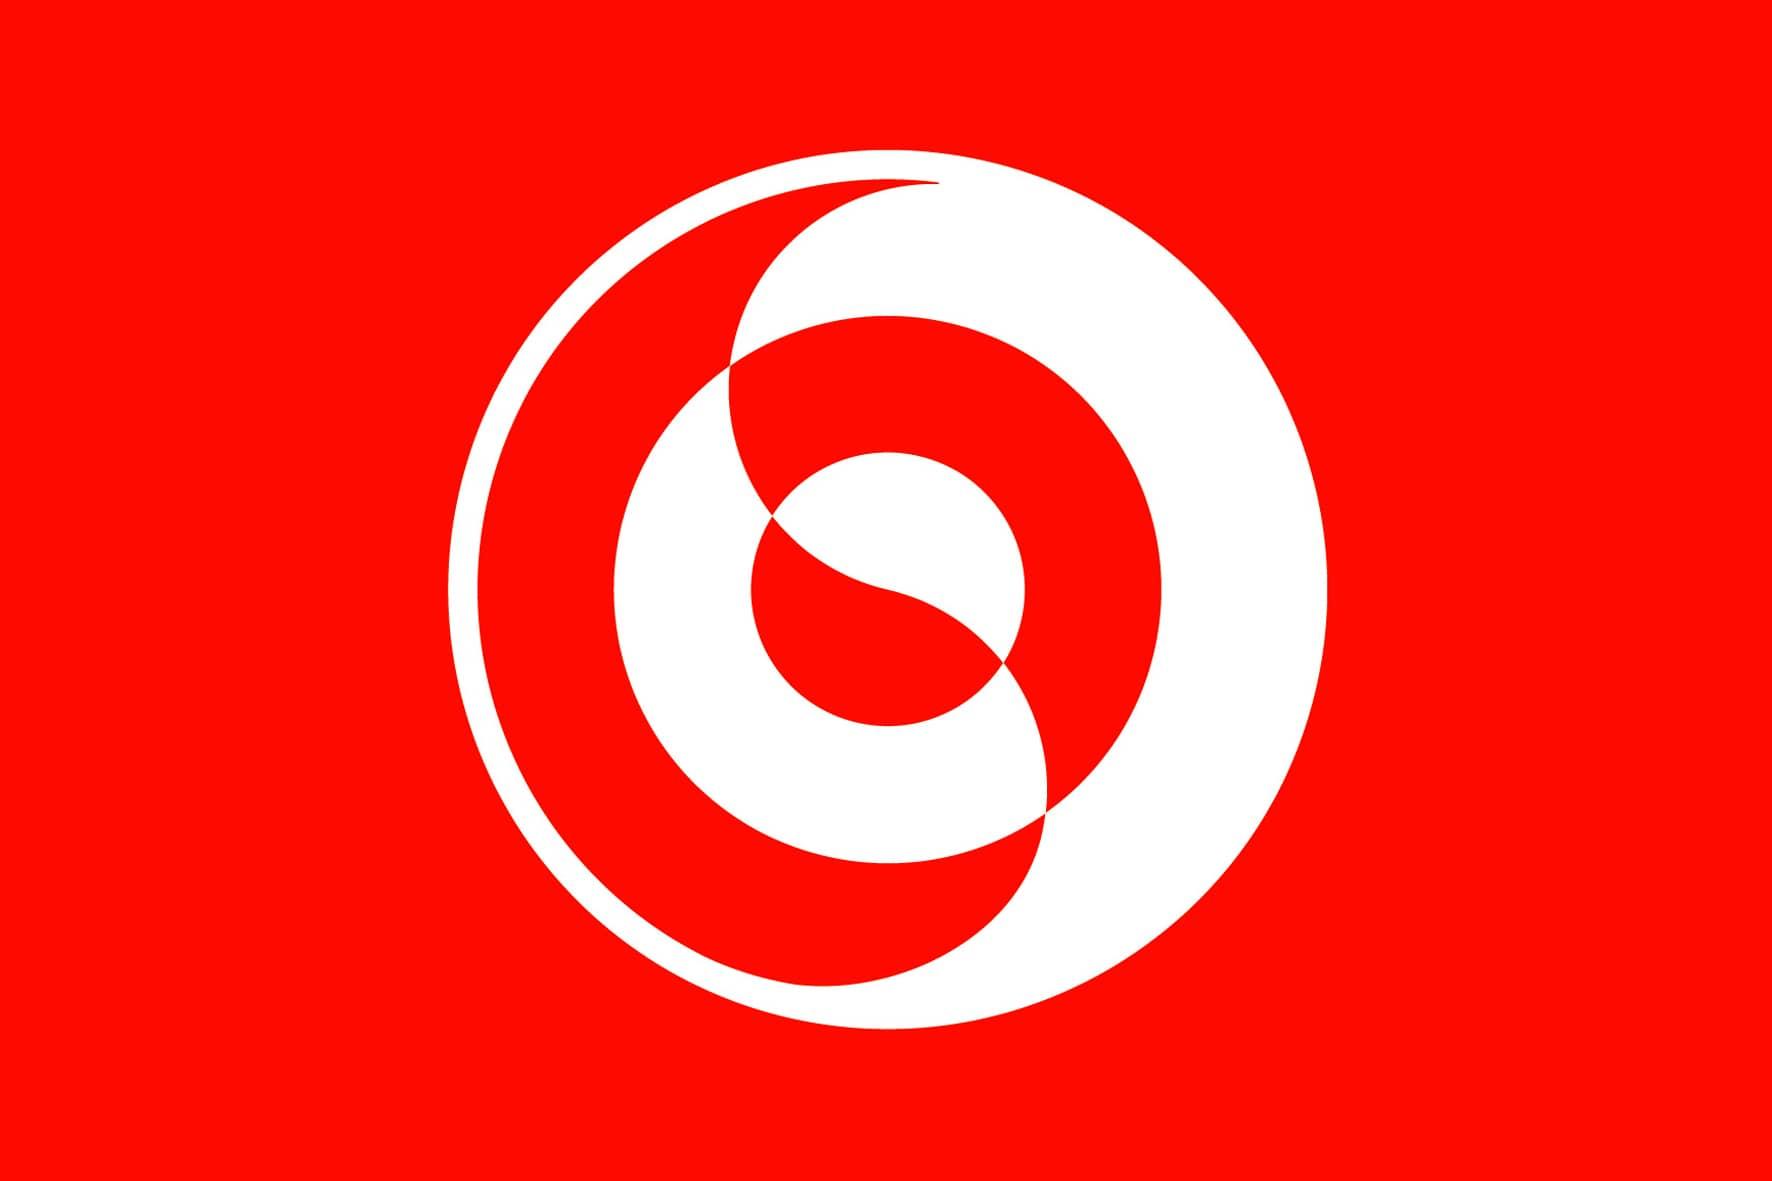 simbolo-Solari